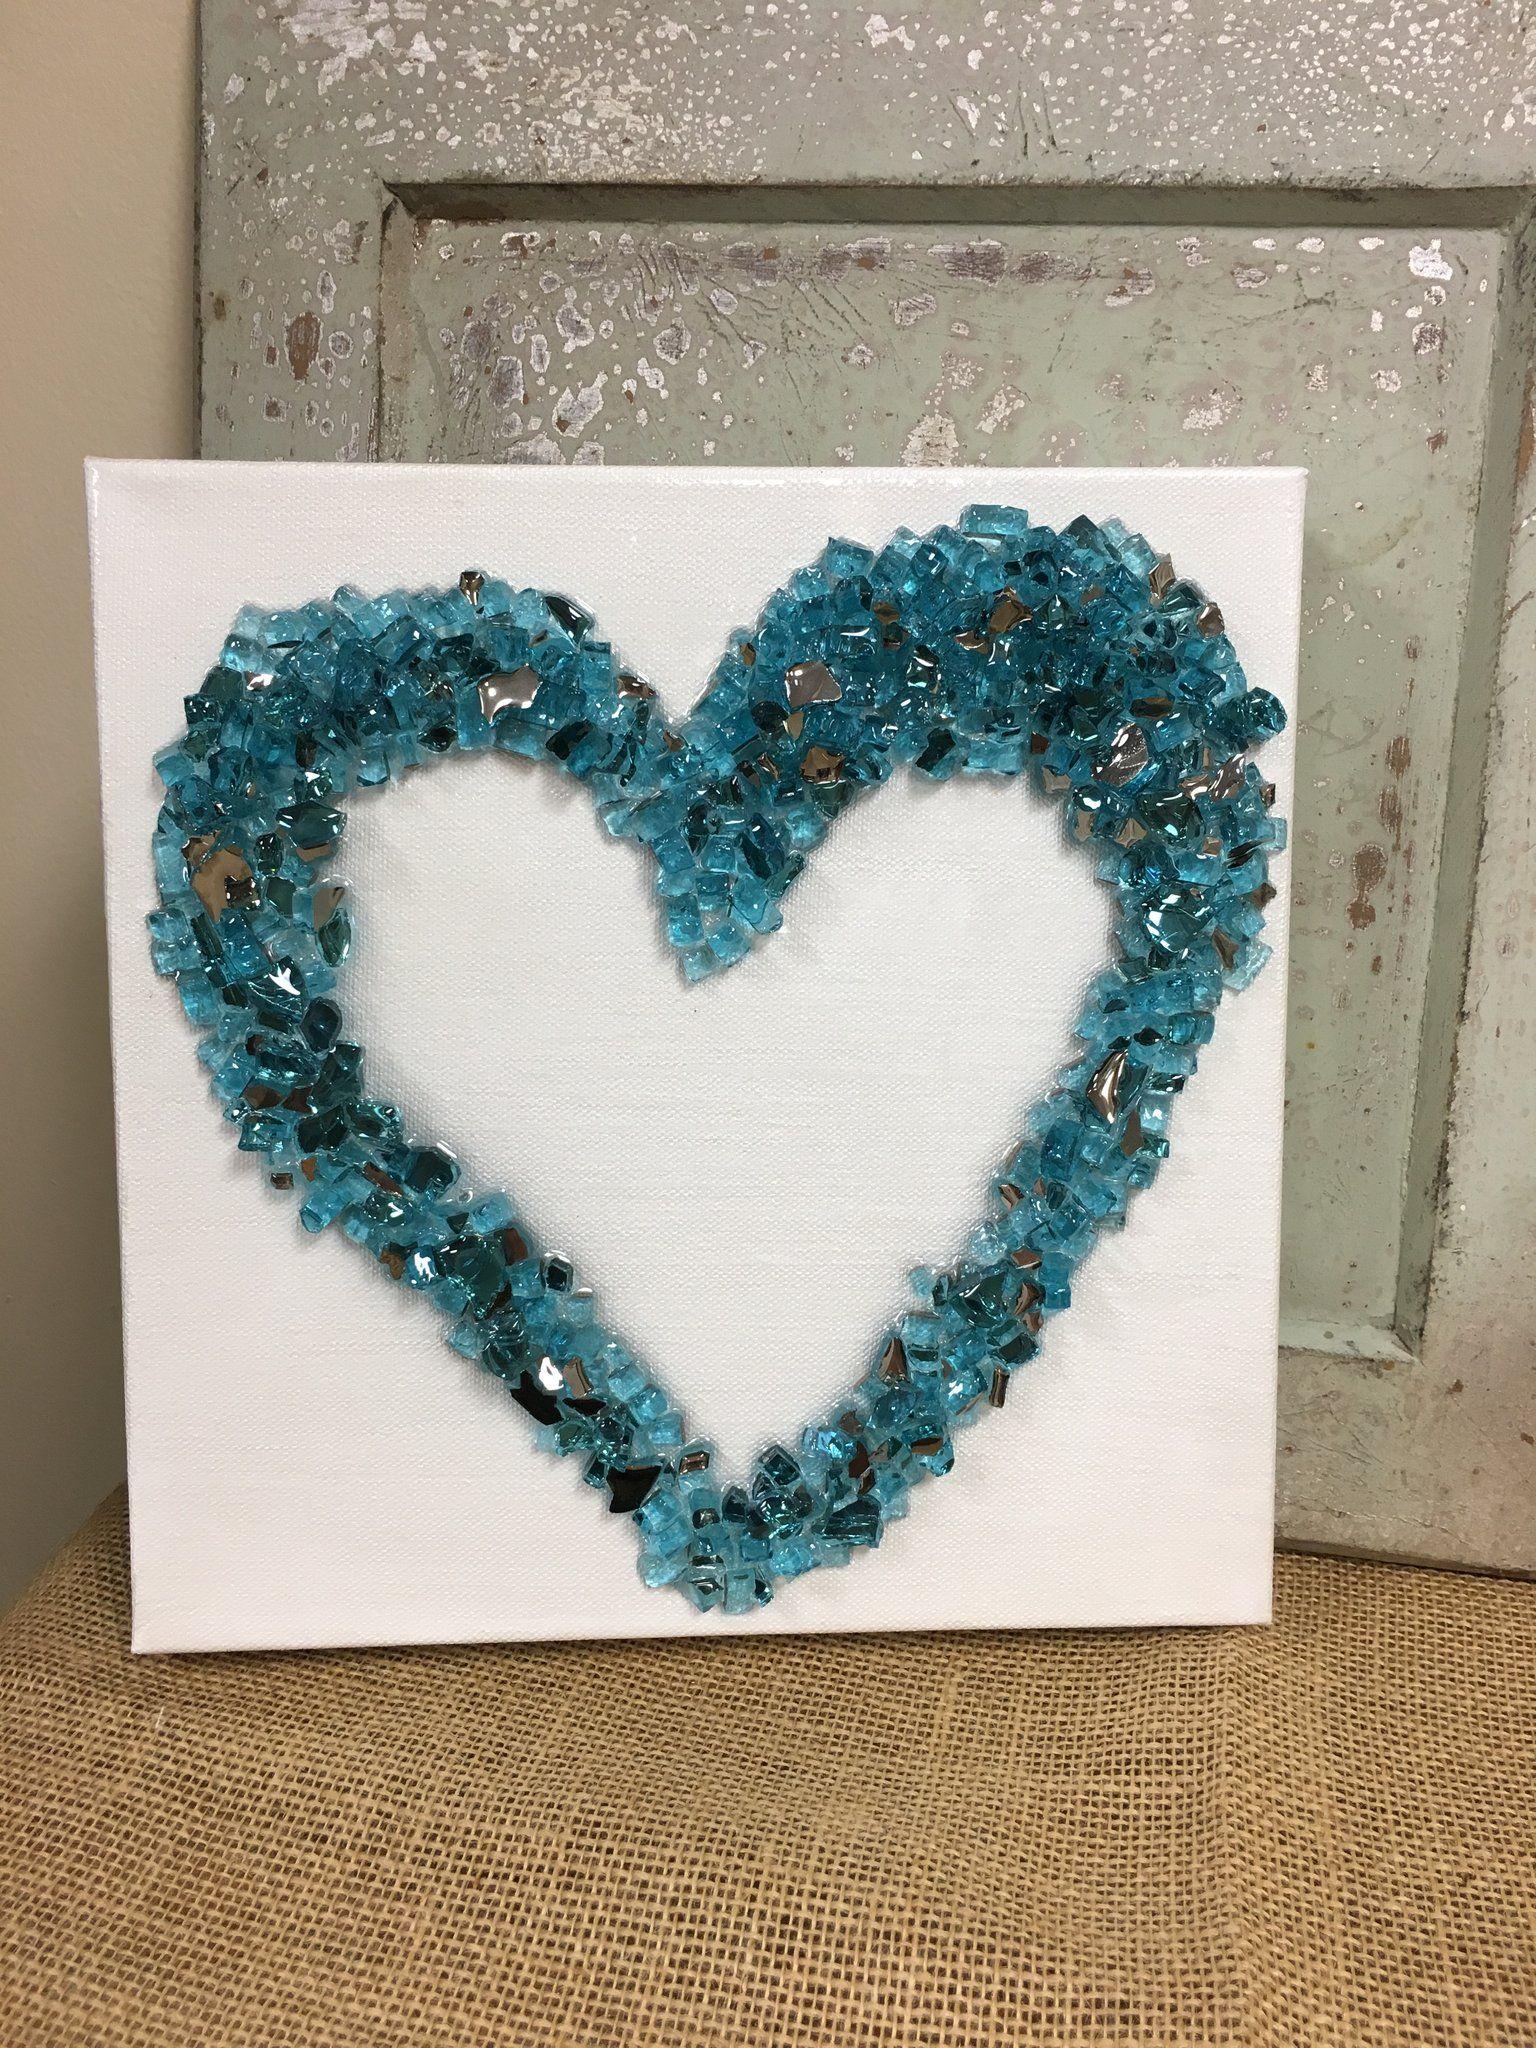 Open Heart 10 X 10 Broken Glass Crafts Glass Art Projects Sea Glass Crafts